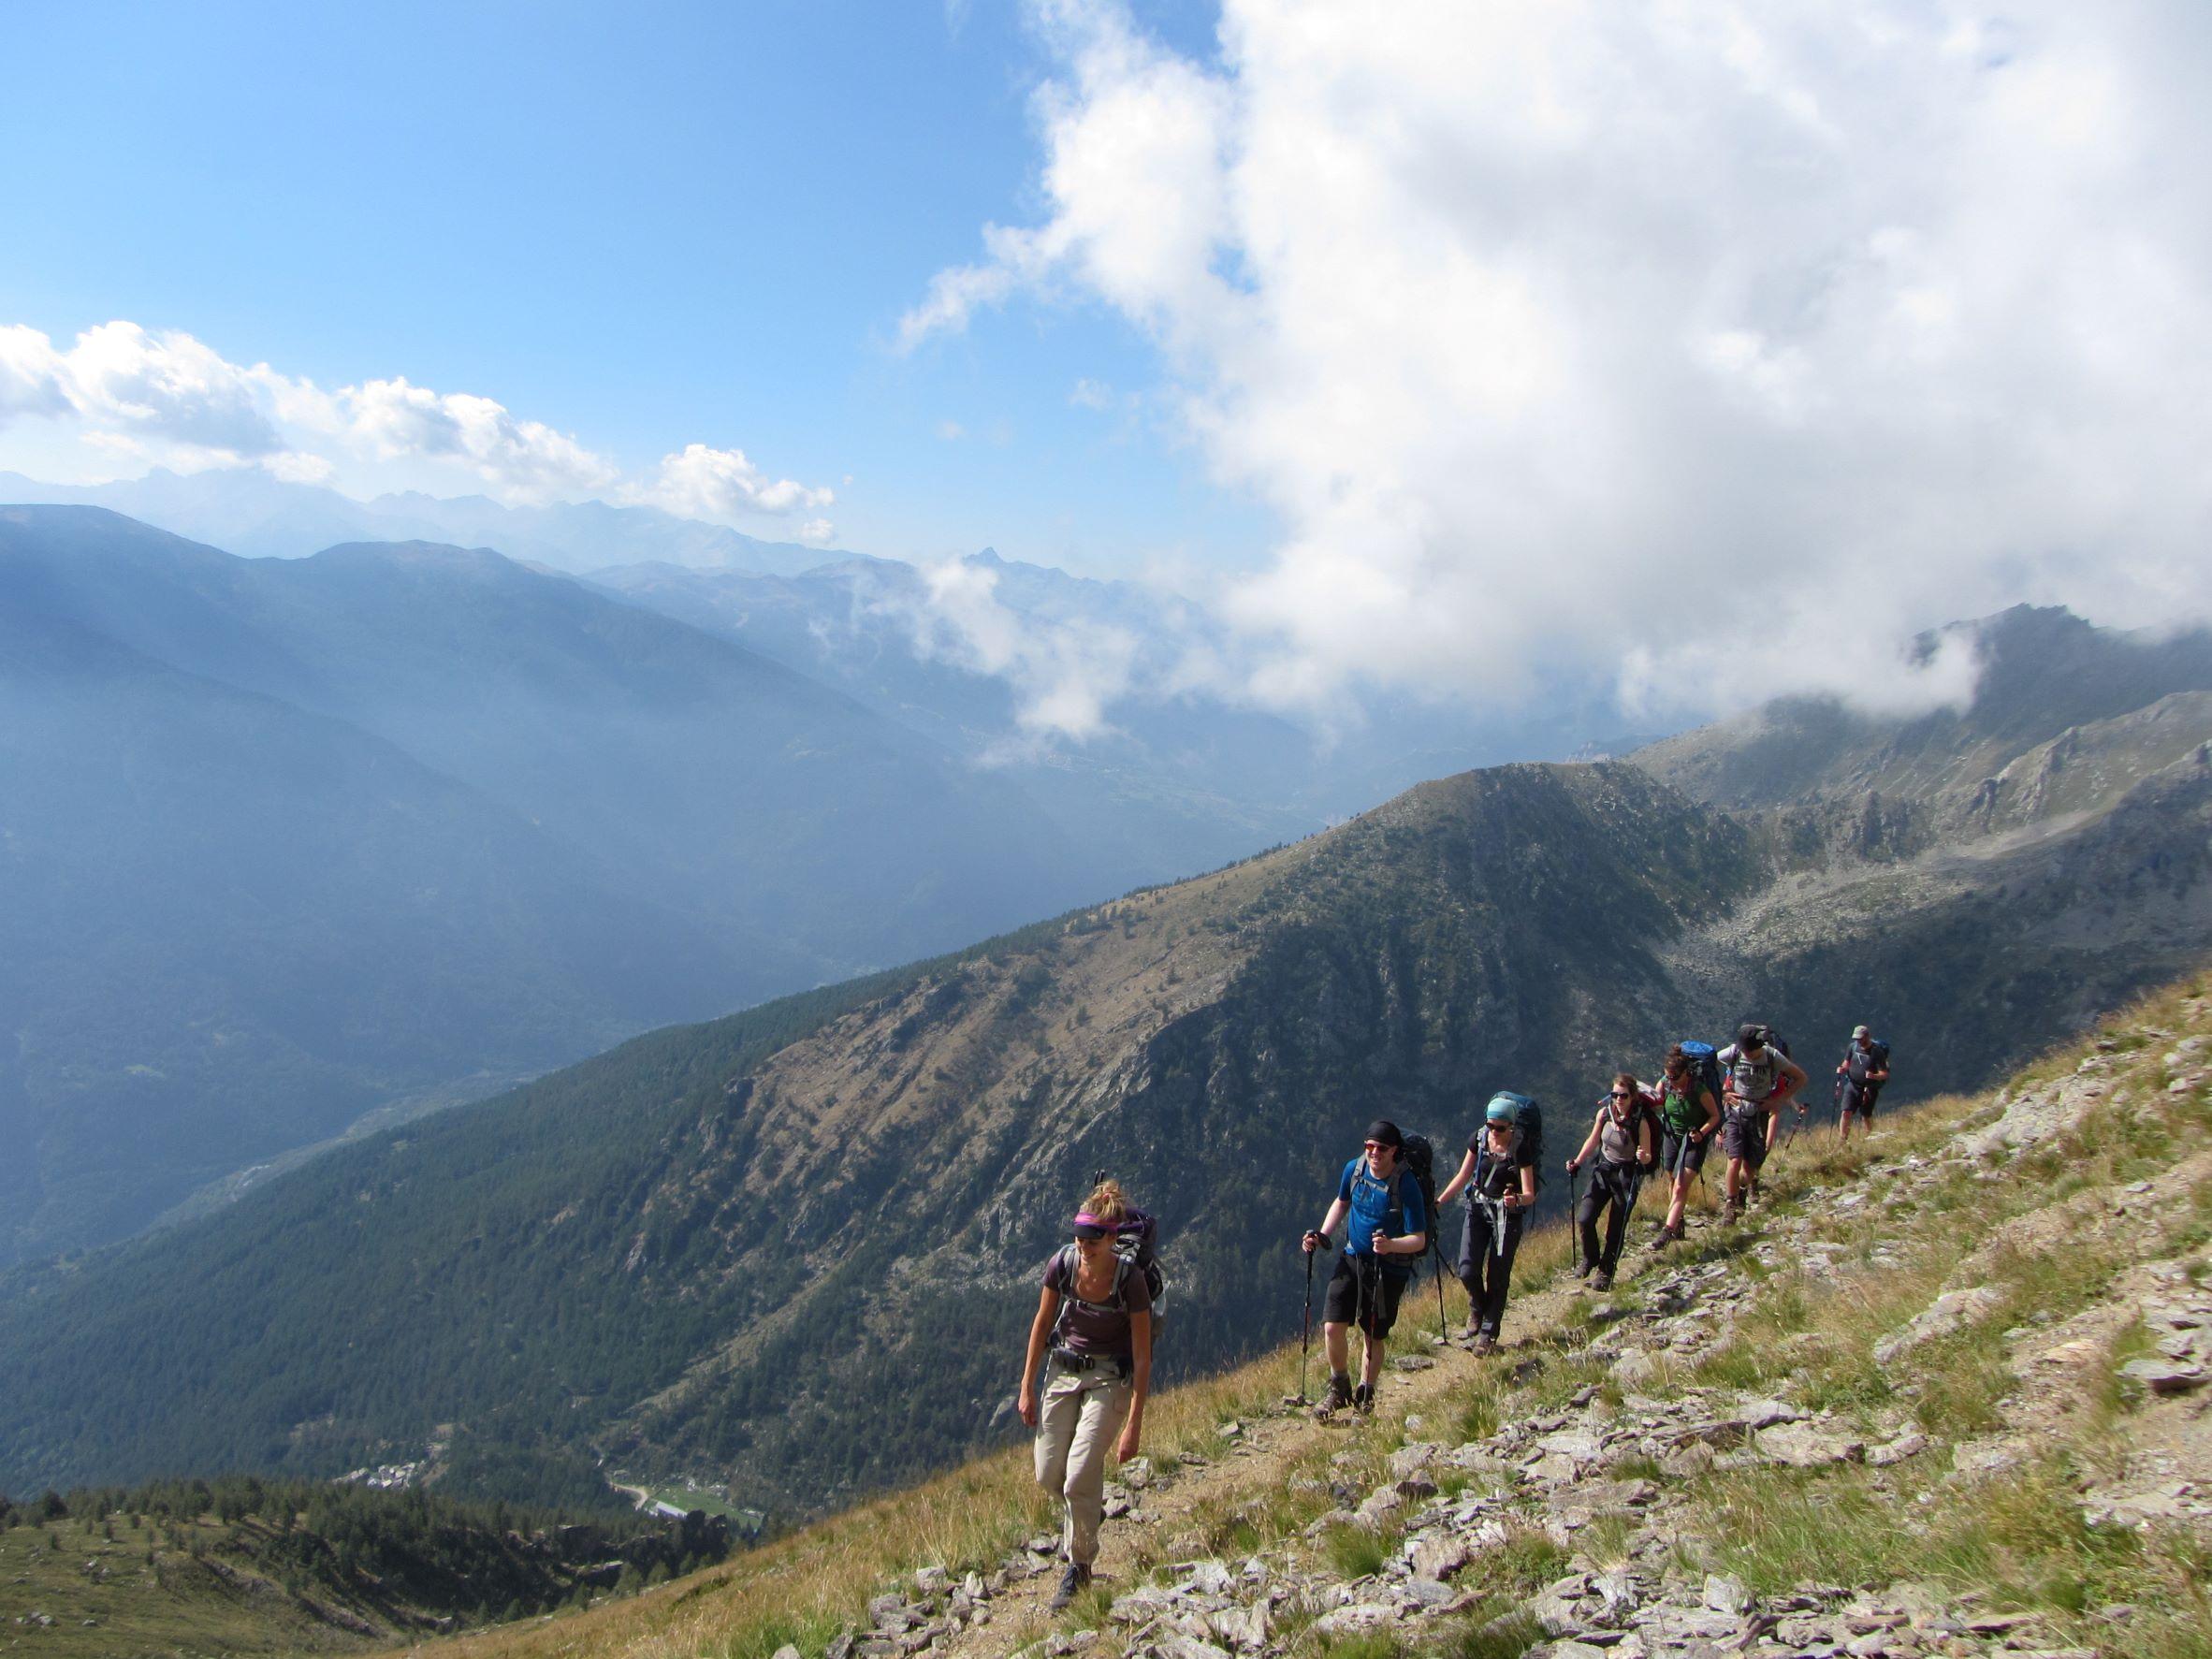 Spring reizen bergen